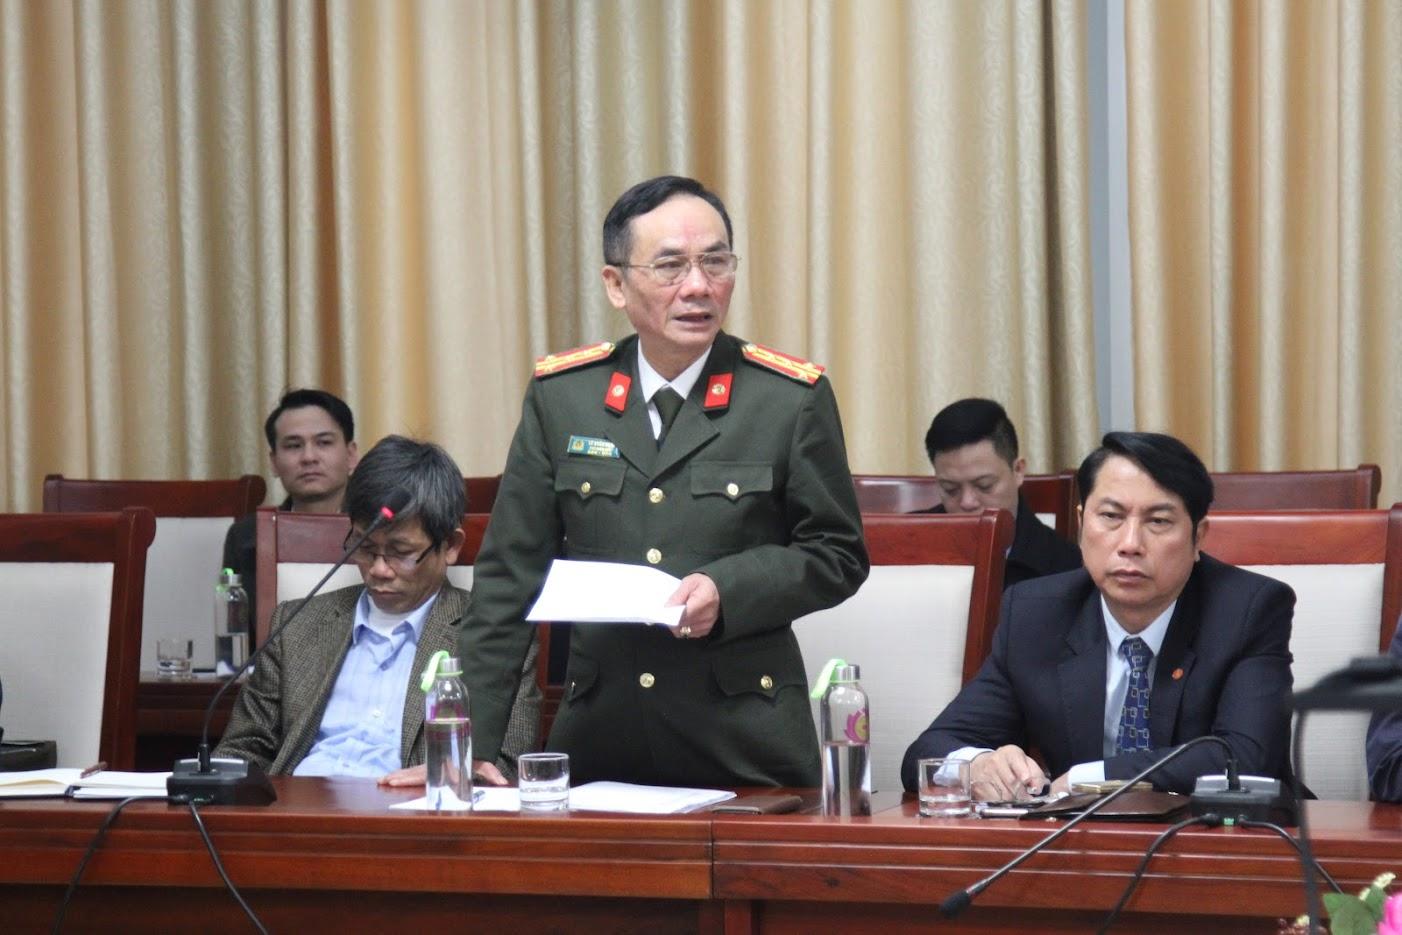 Đồng chí Đại tá Lê Xuân Hoài – Phó giám đốc Công an tỉnh nêu một số kiến nghị các giải pháp phòng, chống dịch